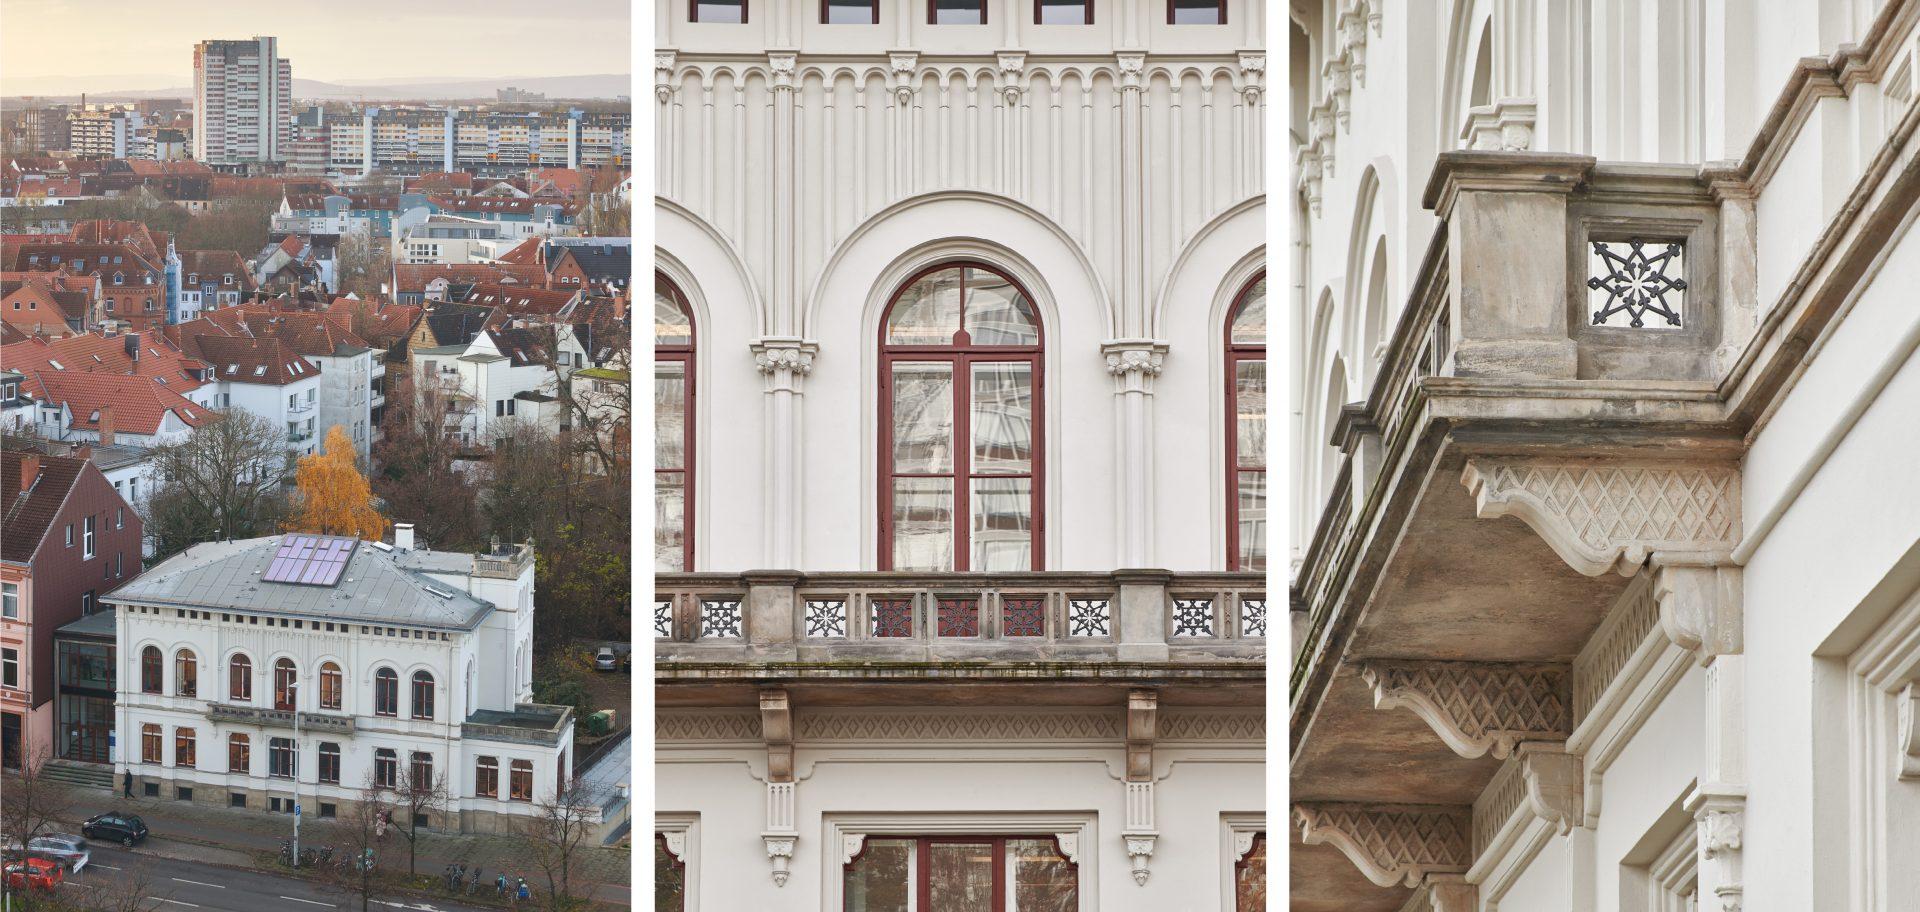 https://www.stricker-architekten.de/projekte/leibniz-universitaet-hannover-fassadensanierung-villa-simon/